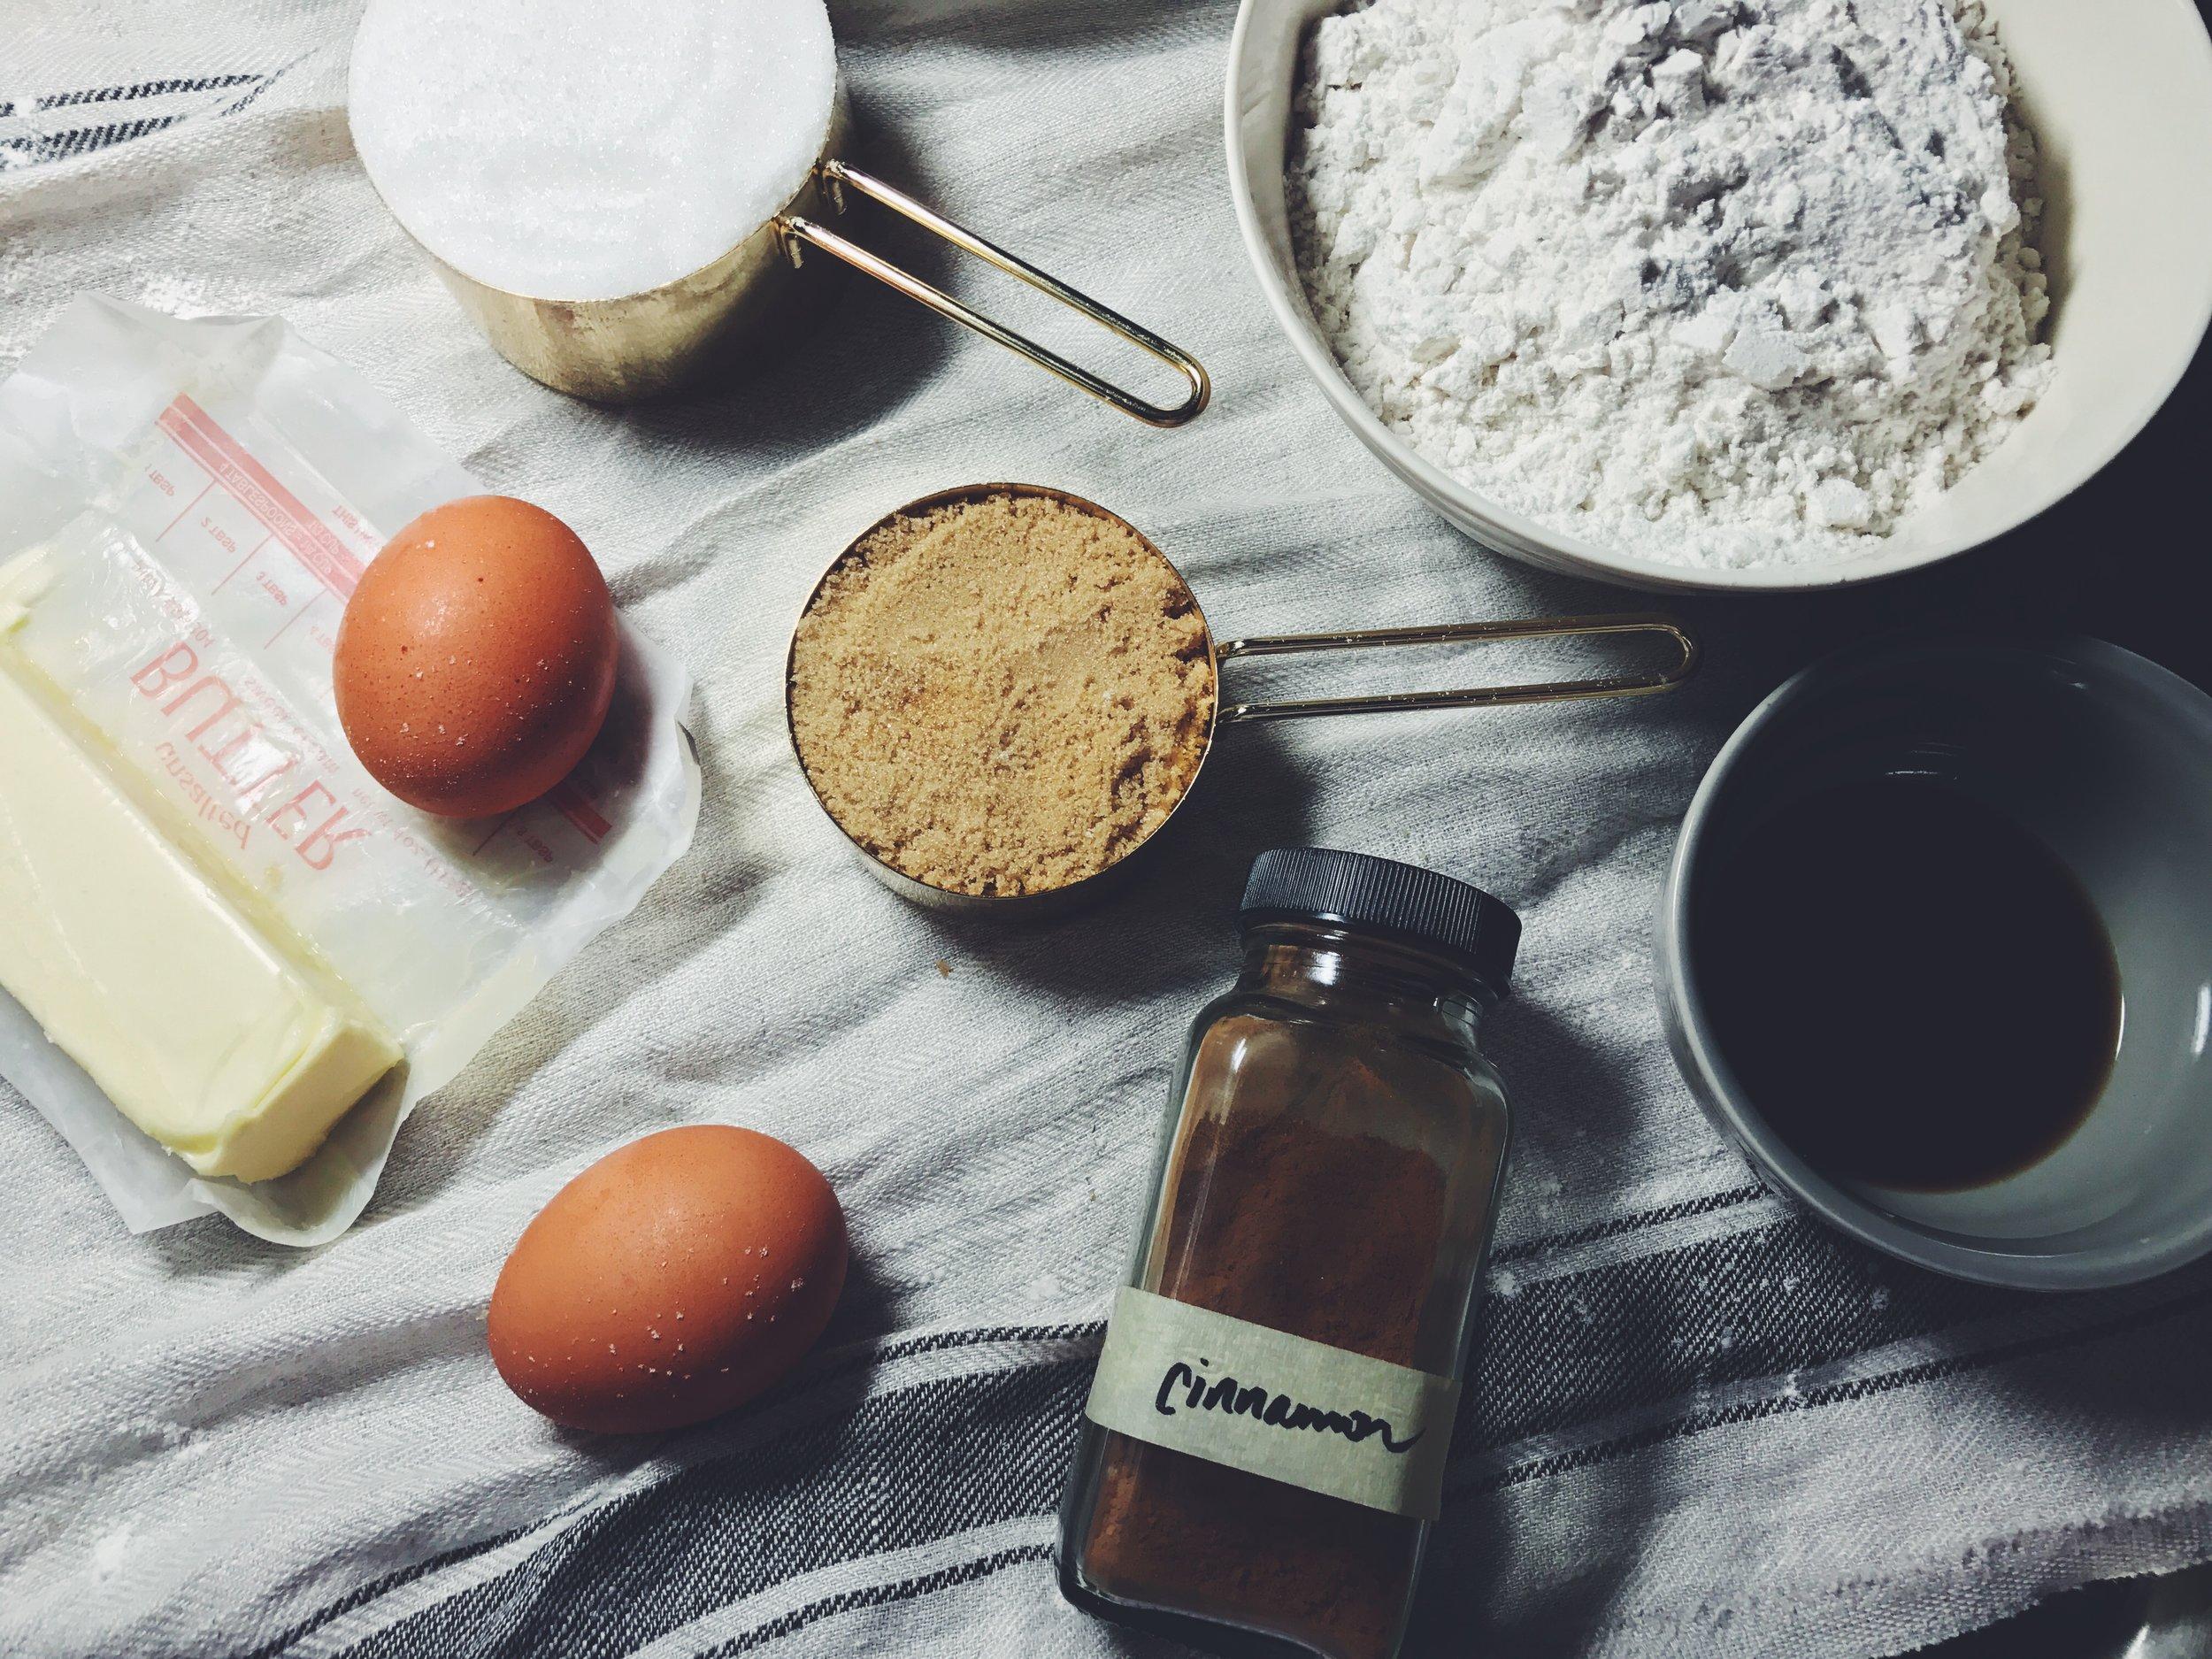 snickerdoodle blondie ingredients